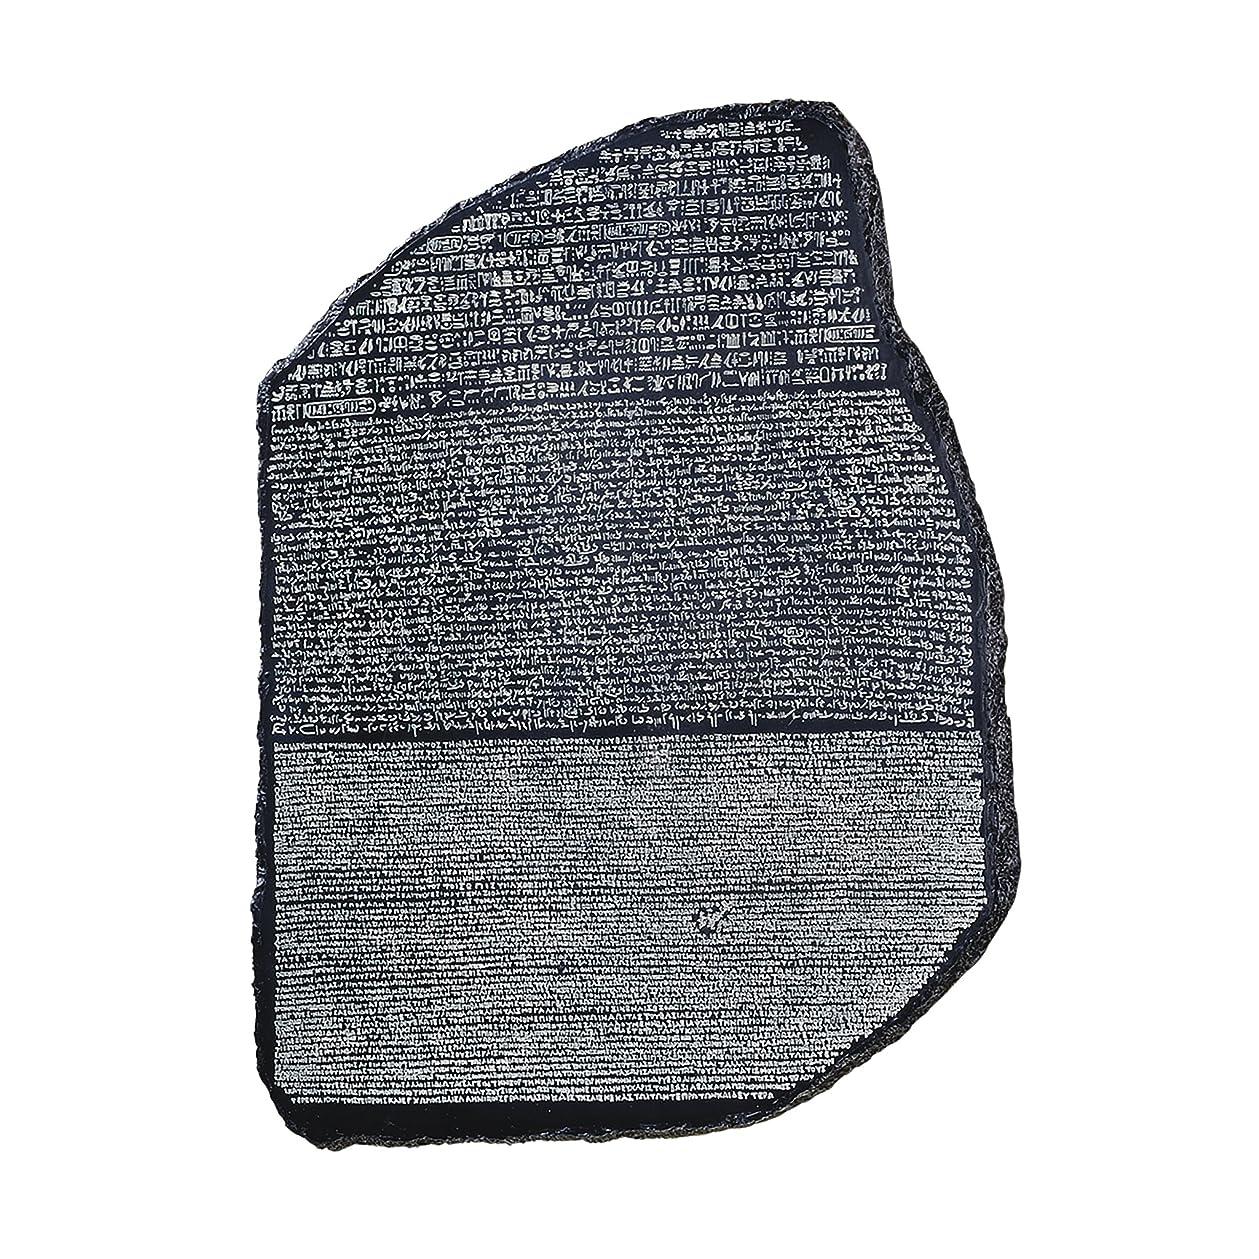 空港酸石膏ロゼッタ?ストーン 壁彫刻 彫像 / The Rosetta Stone Wall Sculpture[並行輸入品